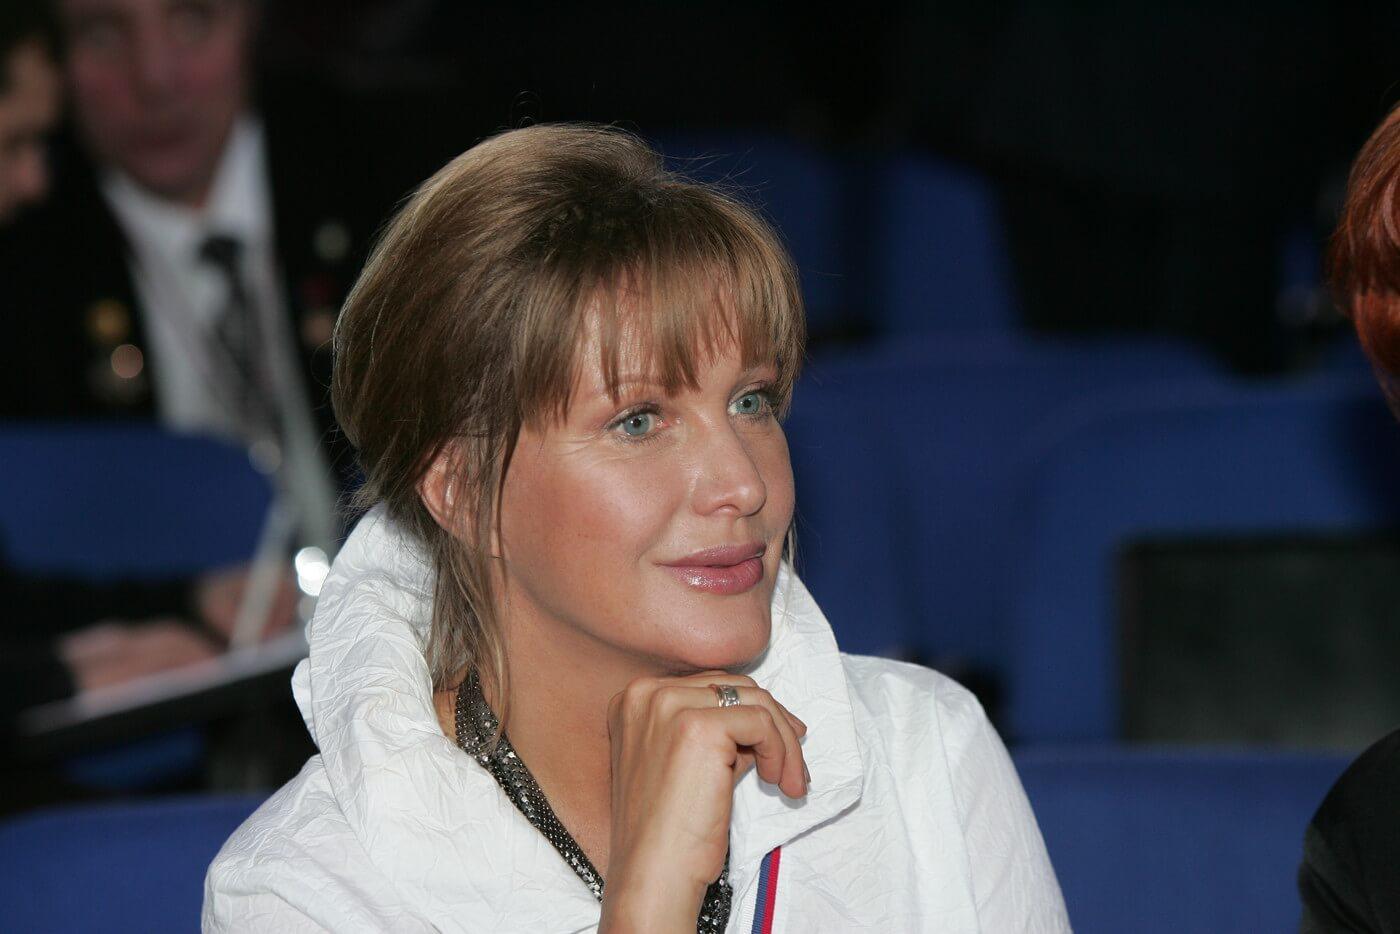 Яна Поплавская отреагировала на заявления Елены Прокловой о домогательствах